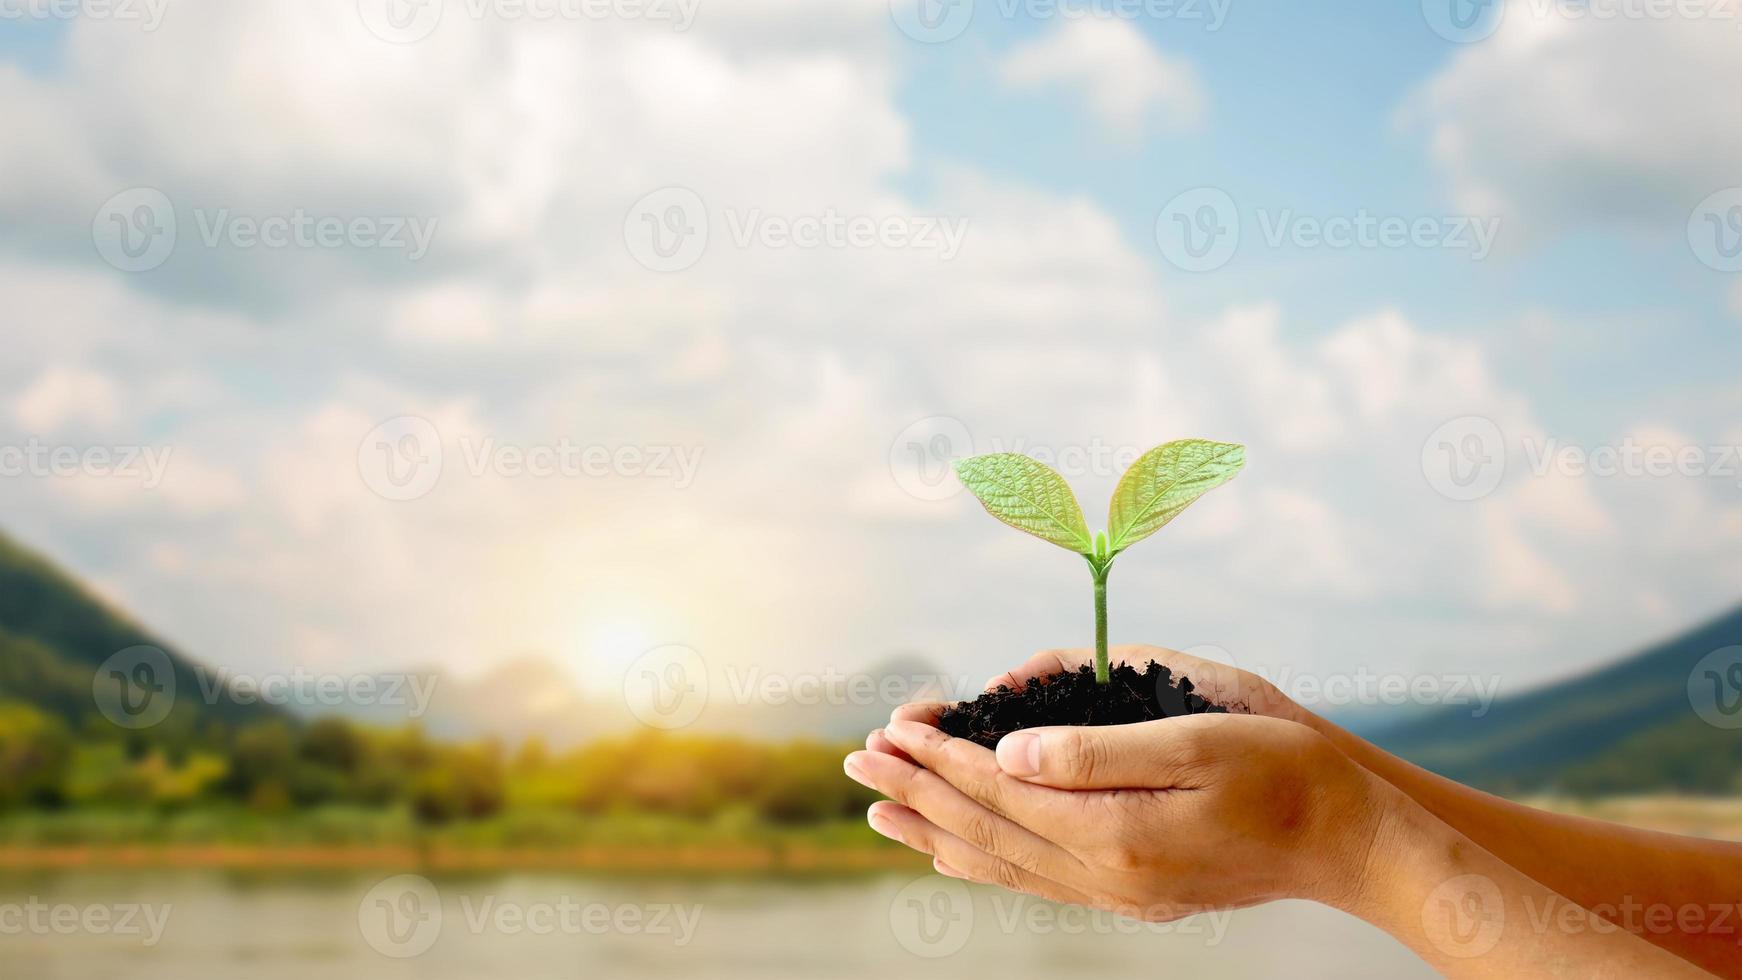 Los árboles se plantan en el suelo en manos humanas con fondos verdes naturales, el concepto de crecimiento de las plantas y la protección del medio ambiente. foto